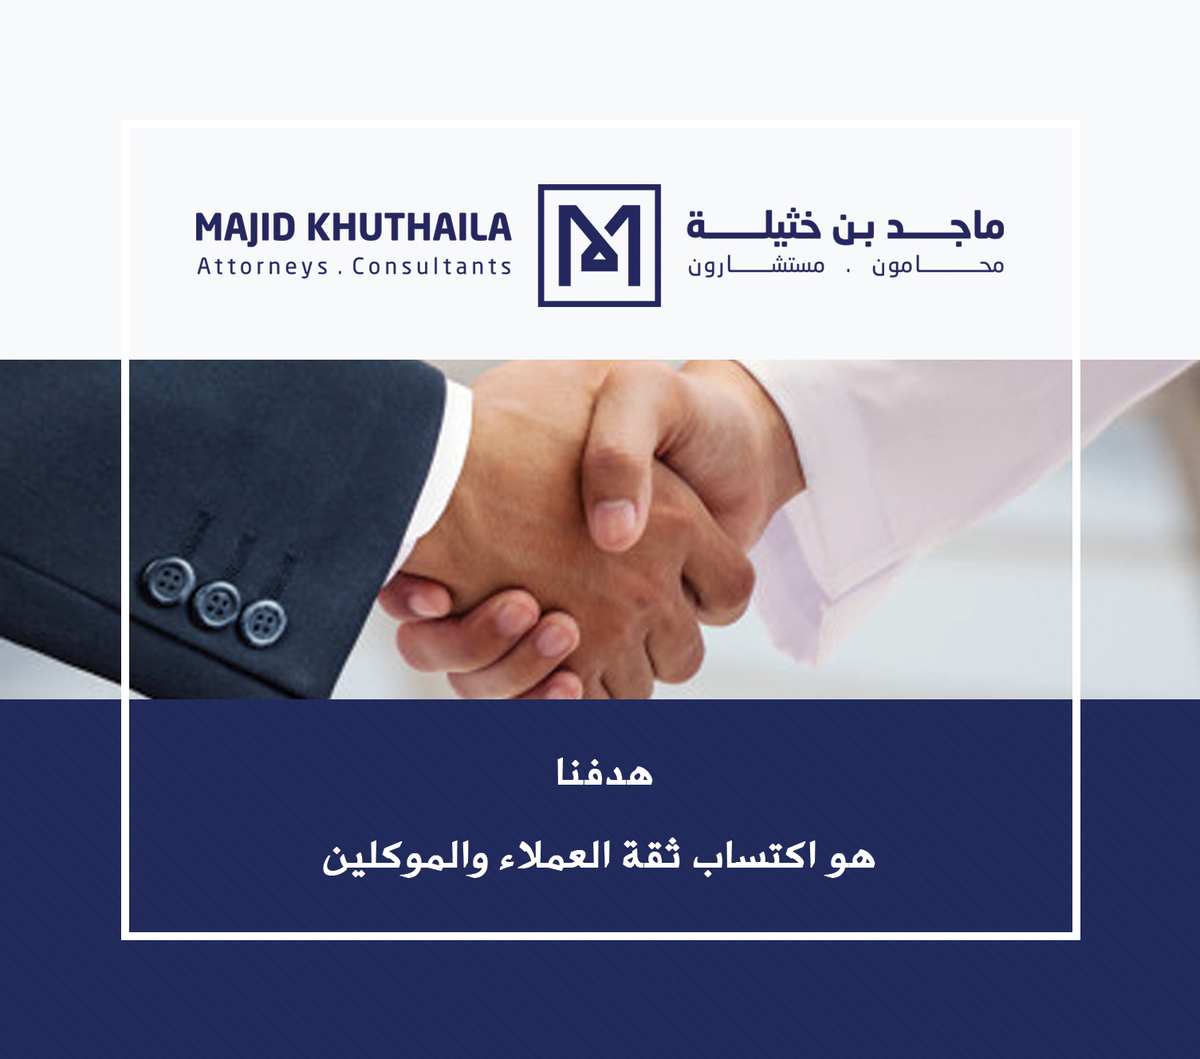 تصميم موقع ماجد بن خثيلة للمحاماة